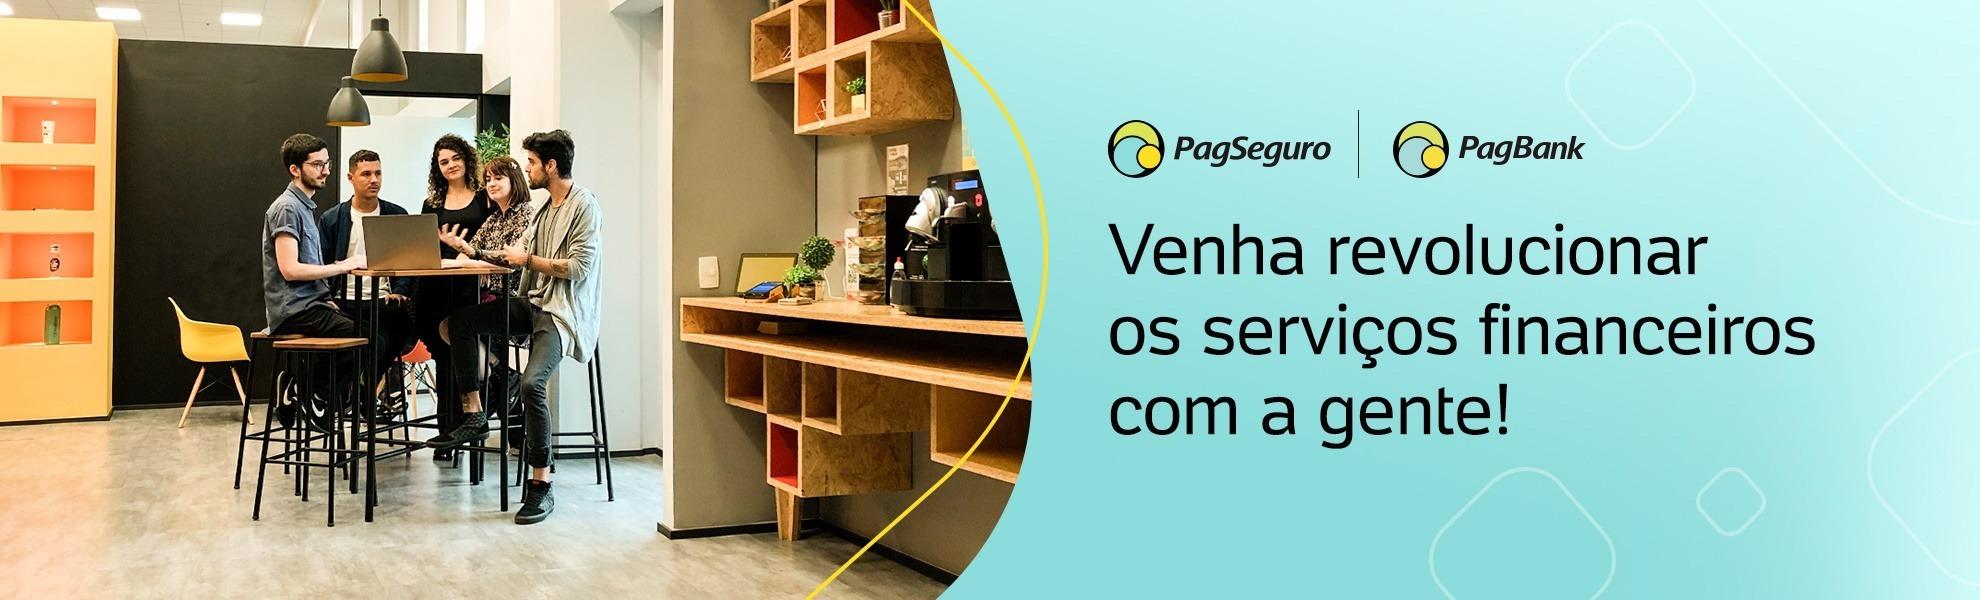 Analista de Treinamento e Processos Comerciais Sr. | São Paulo/SP